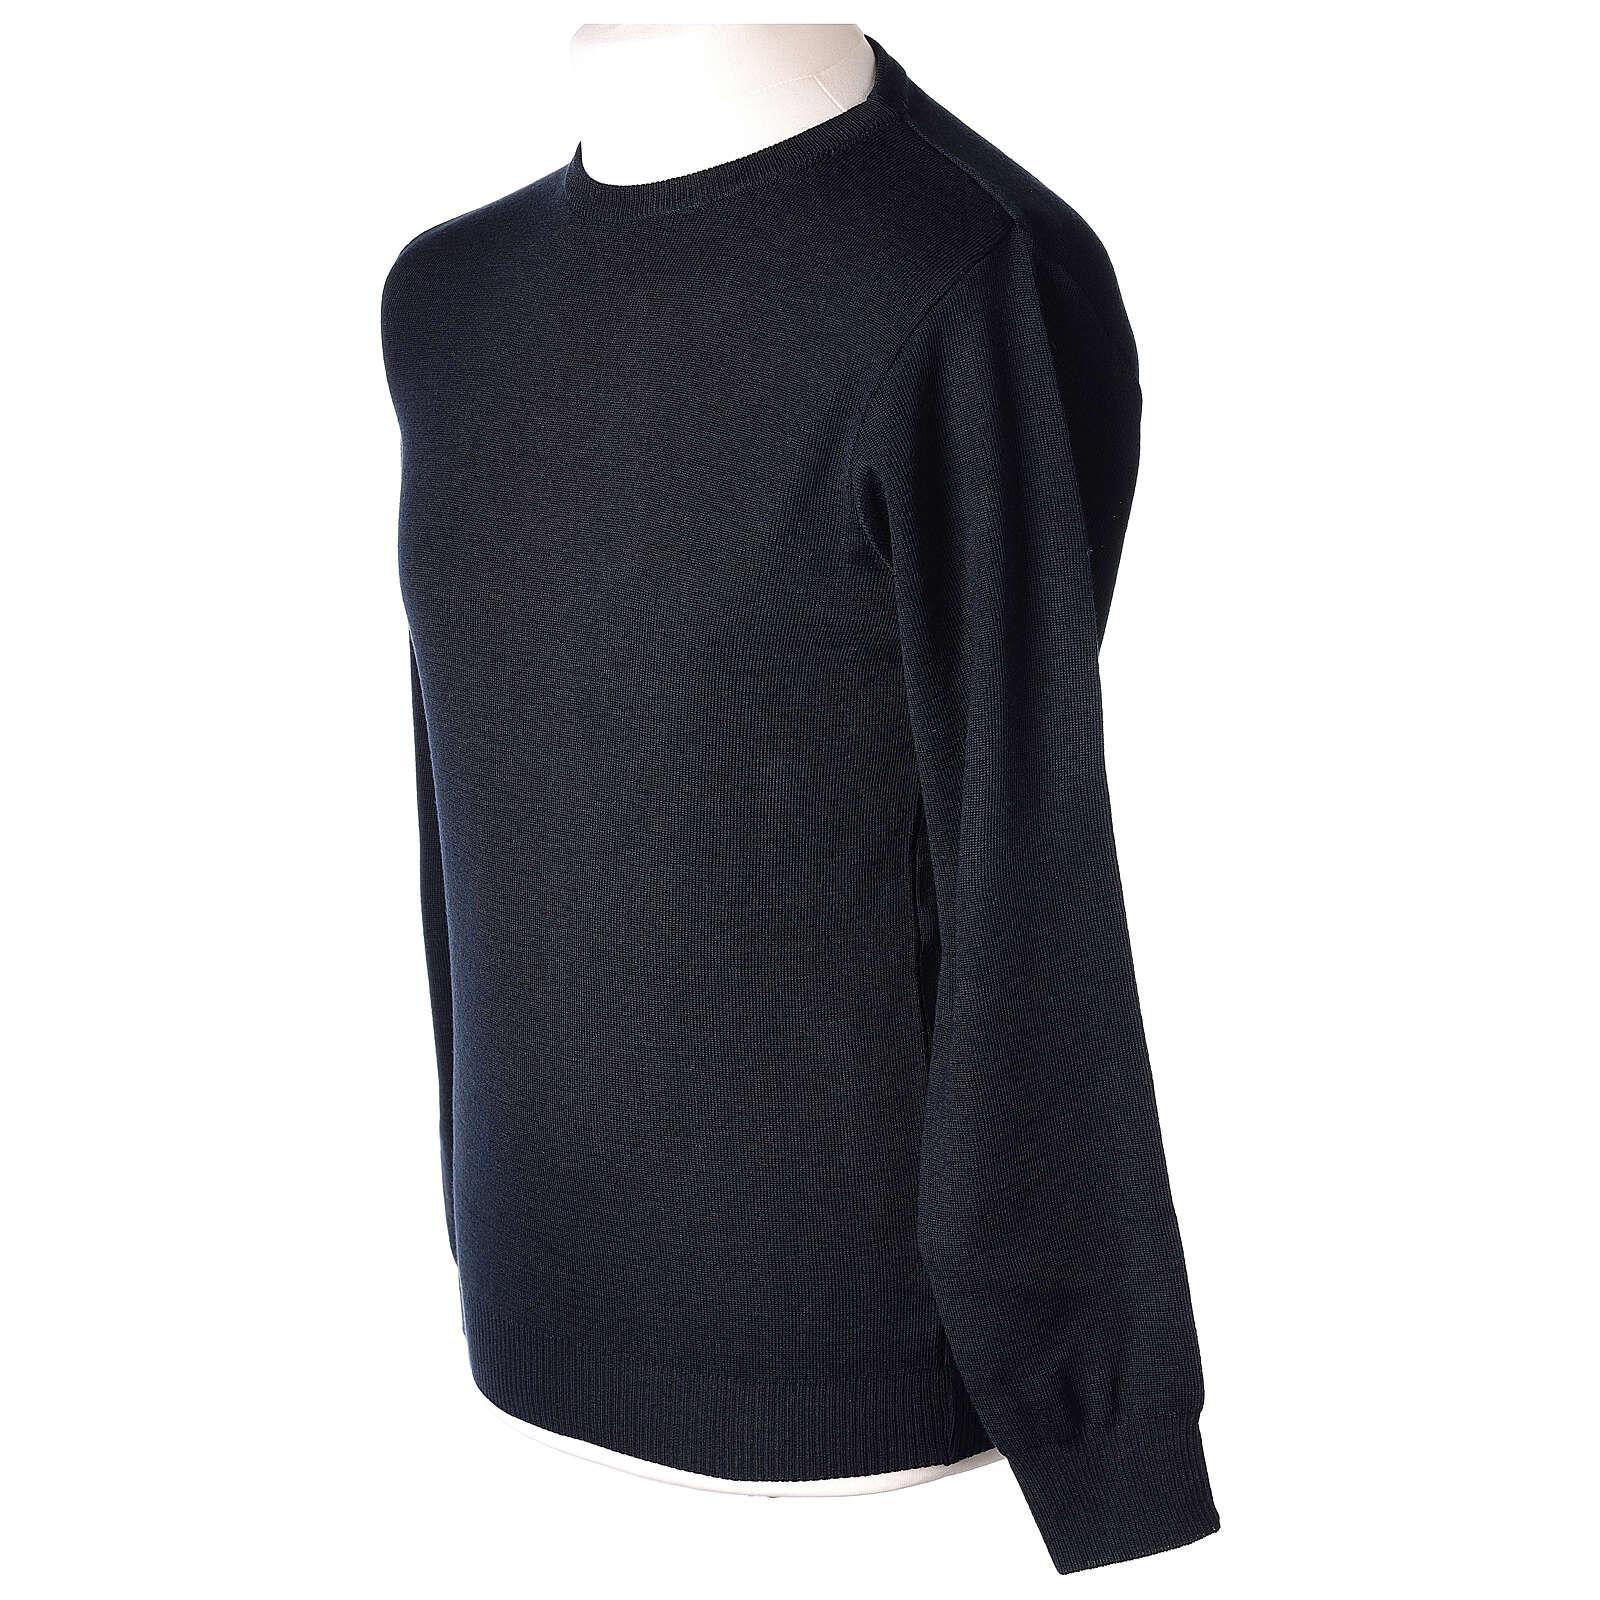 Pullover sacerdote girocollo blu TAGLIE CONF. 50% merino 50% acr. In Primis 4